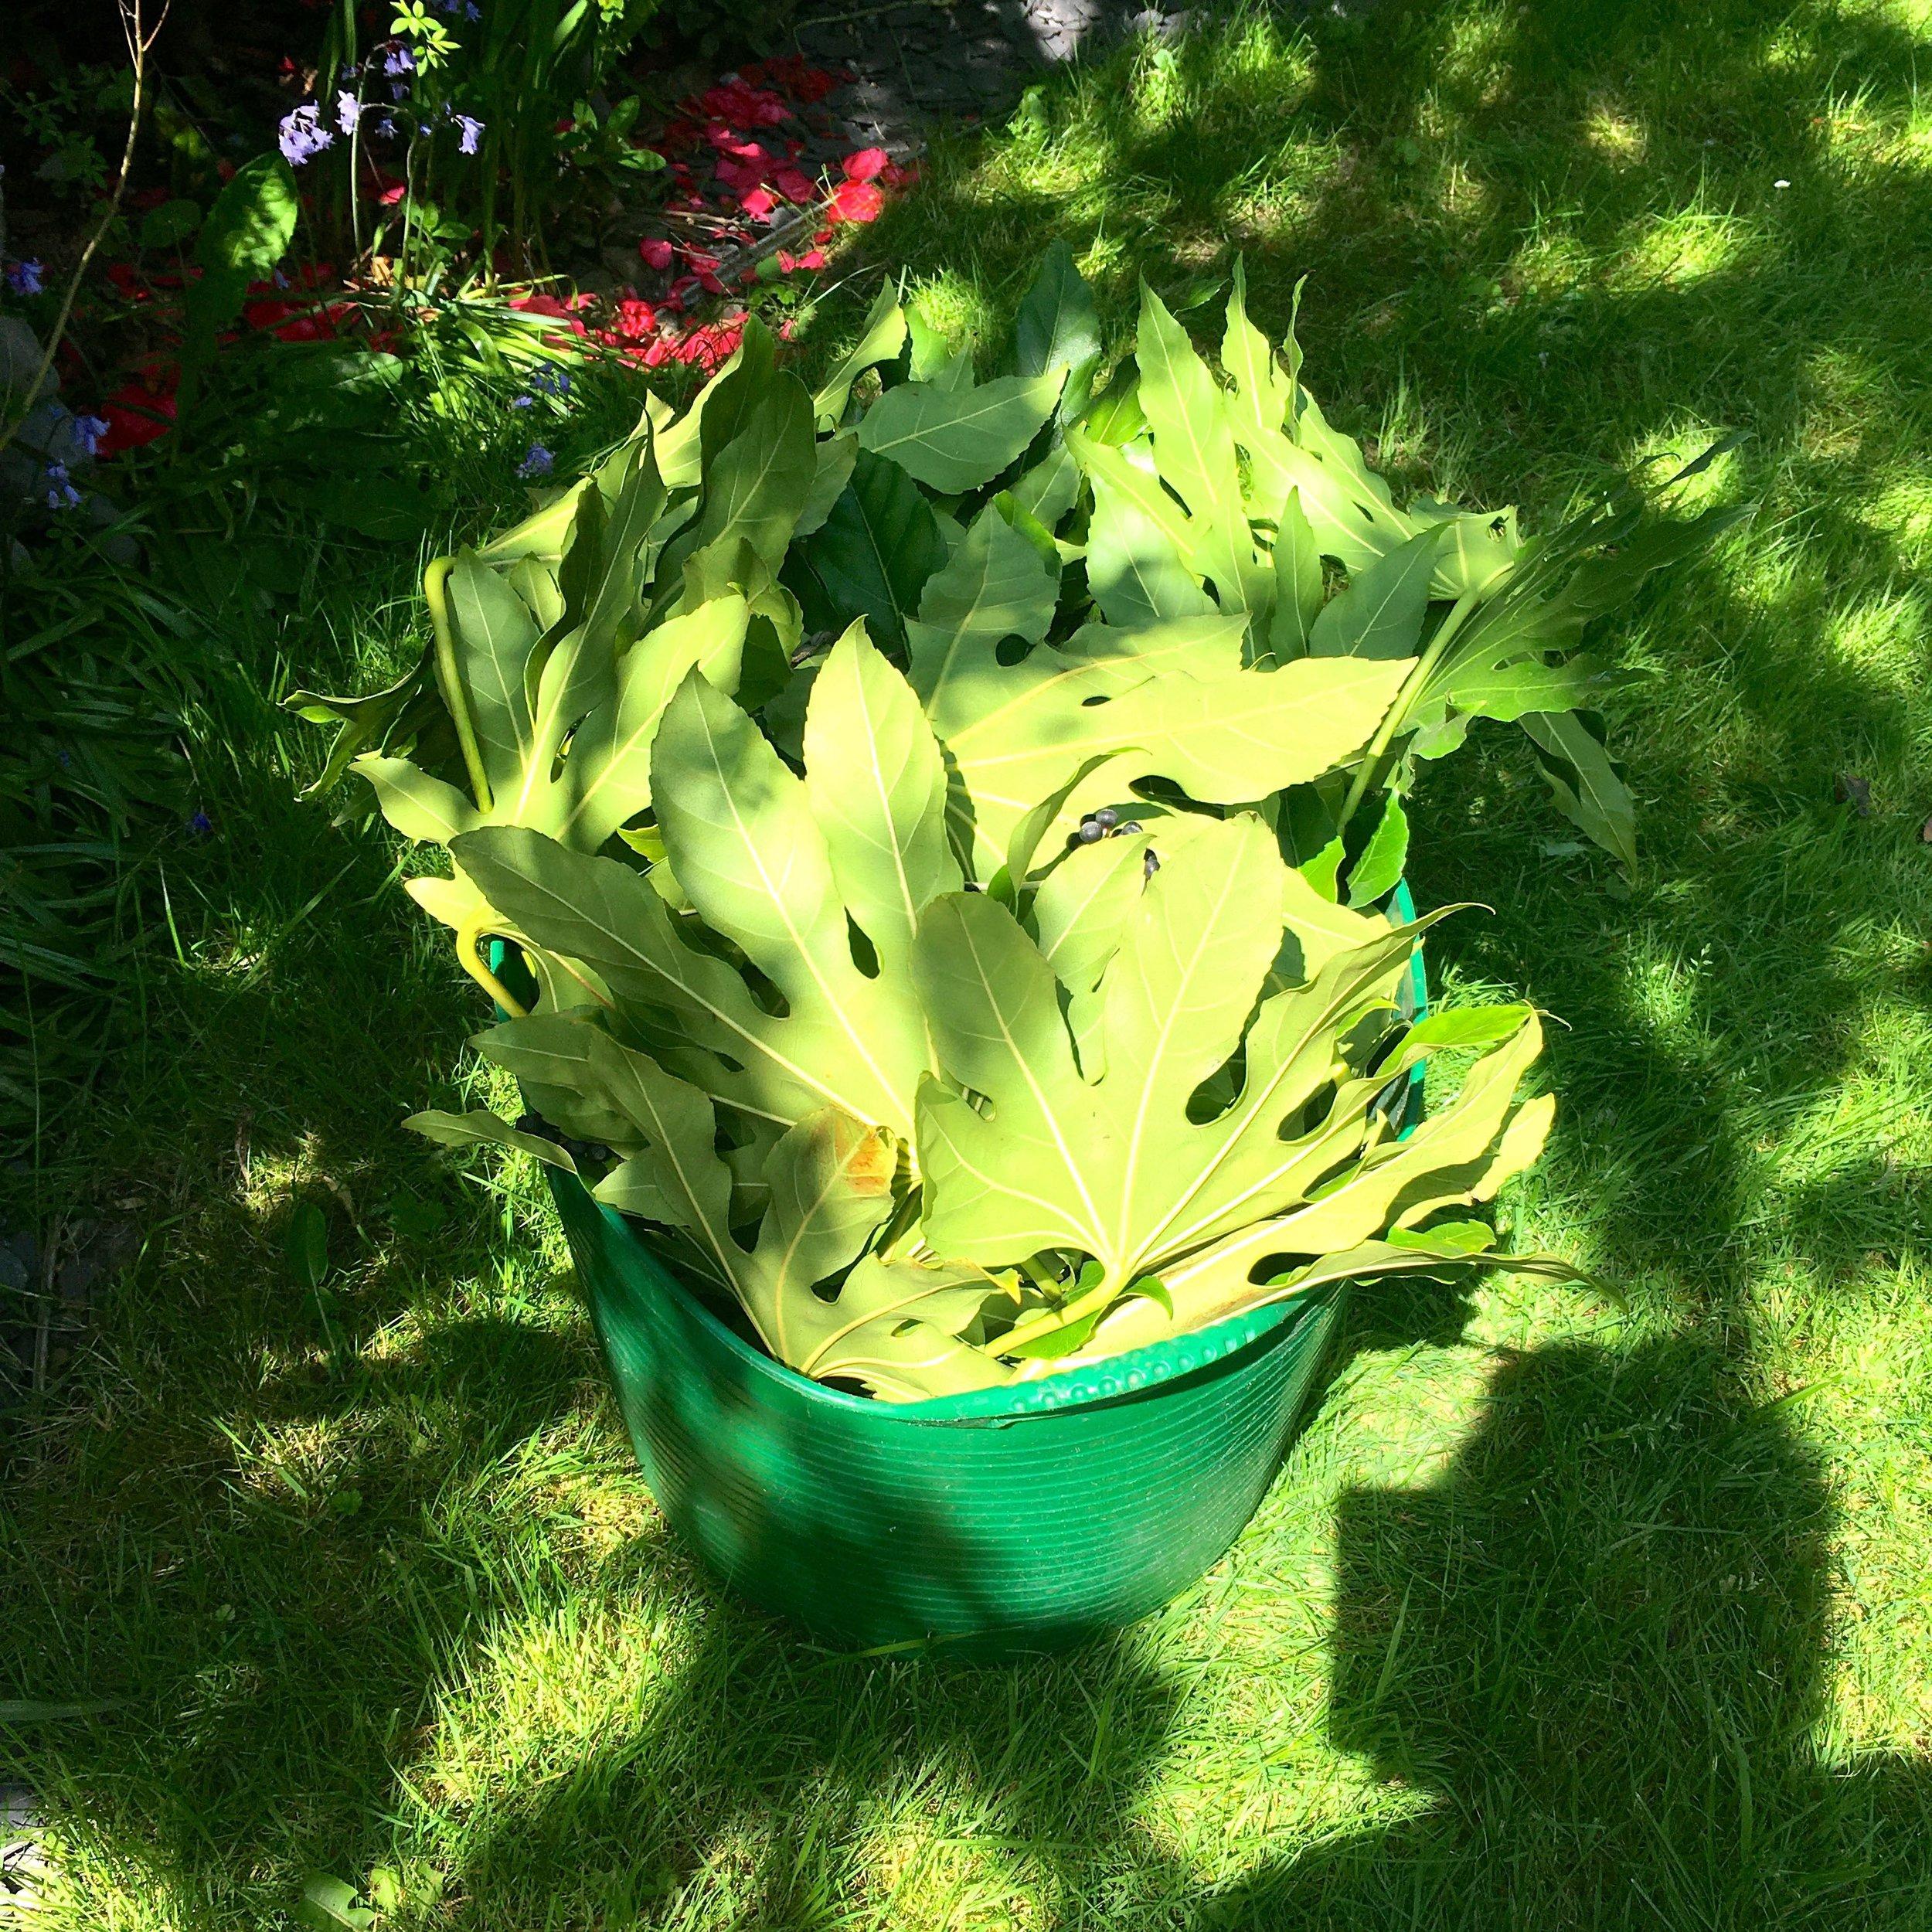 A pile of fatsia leaves